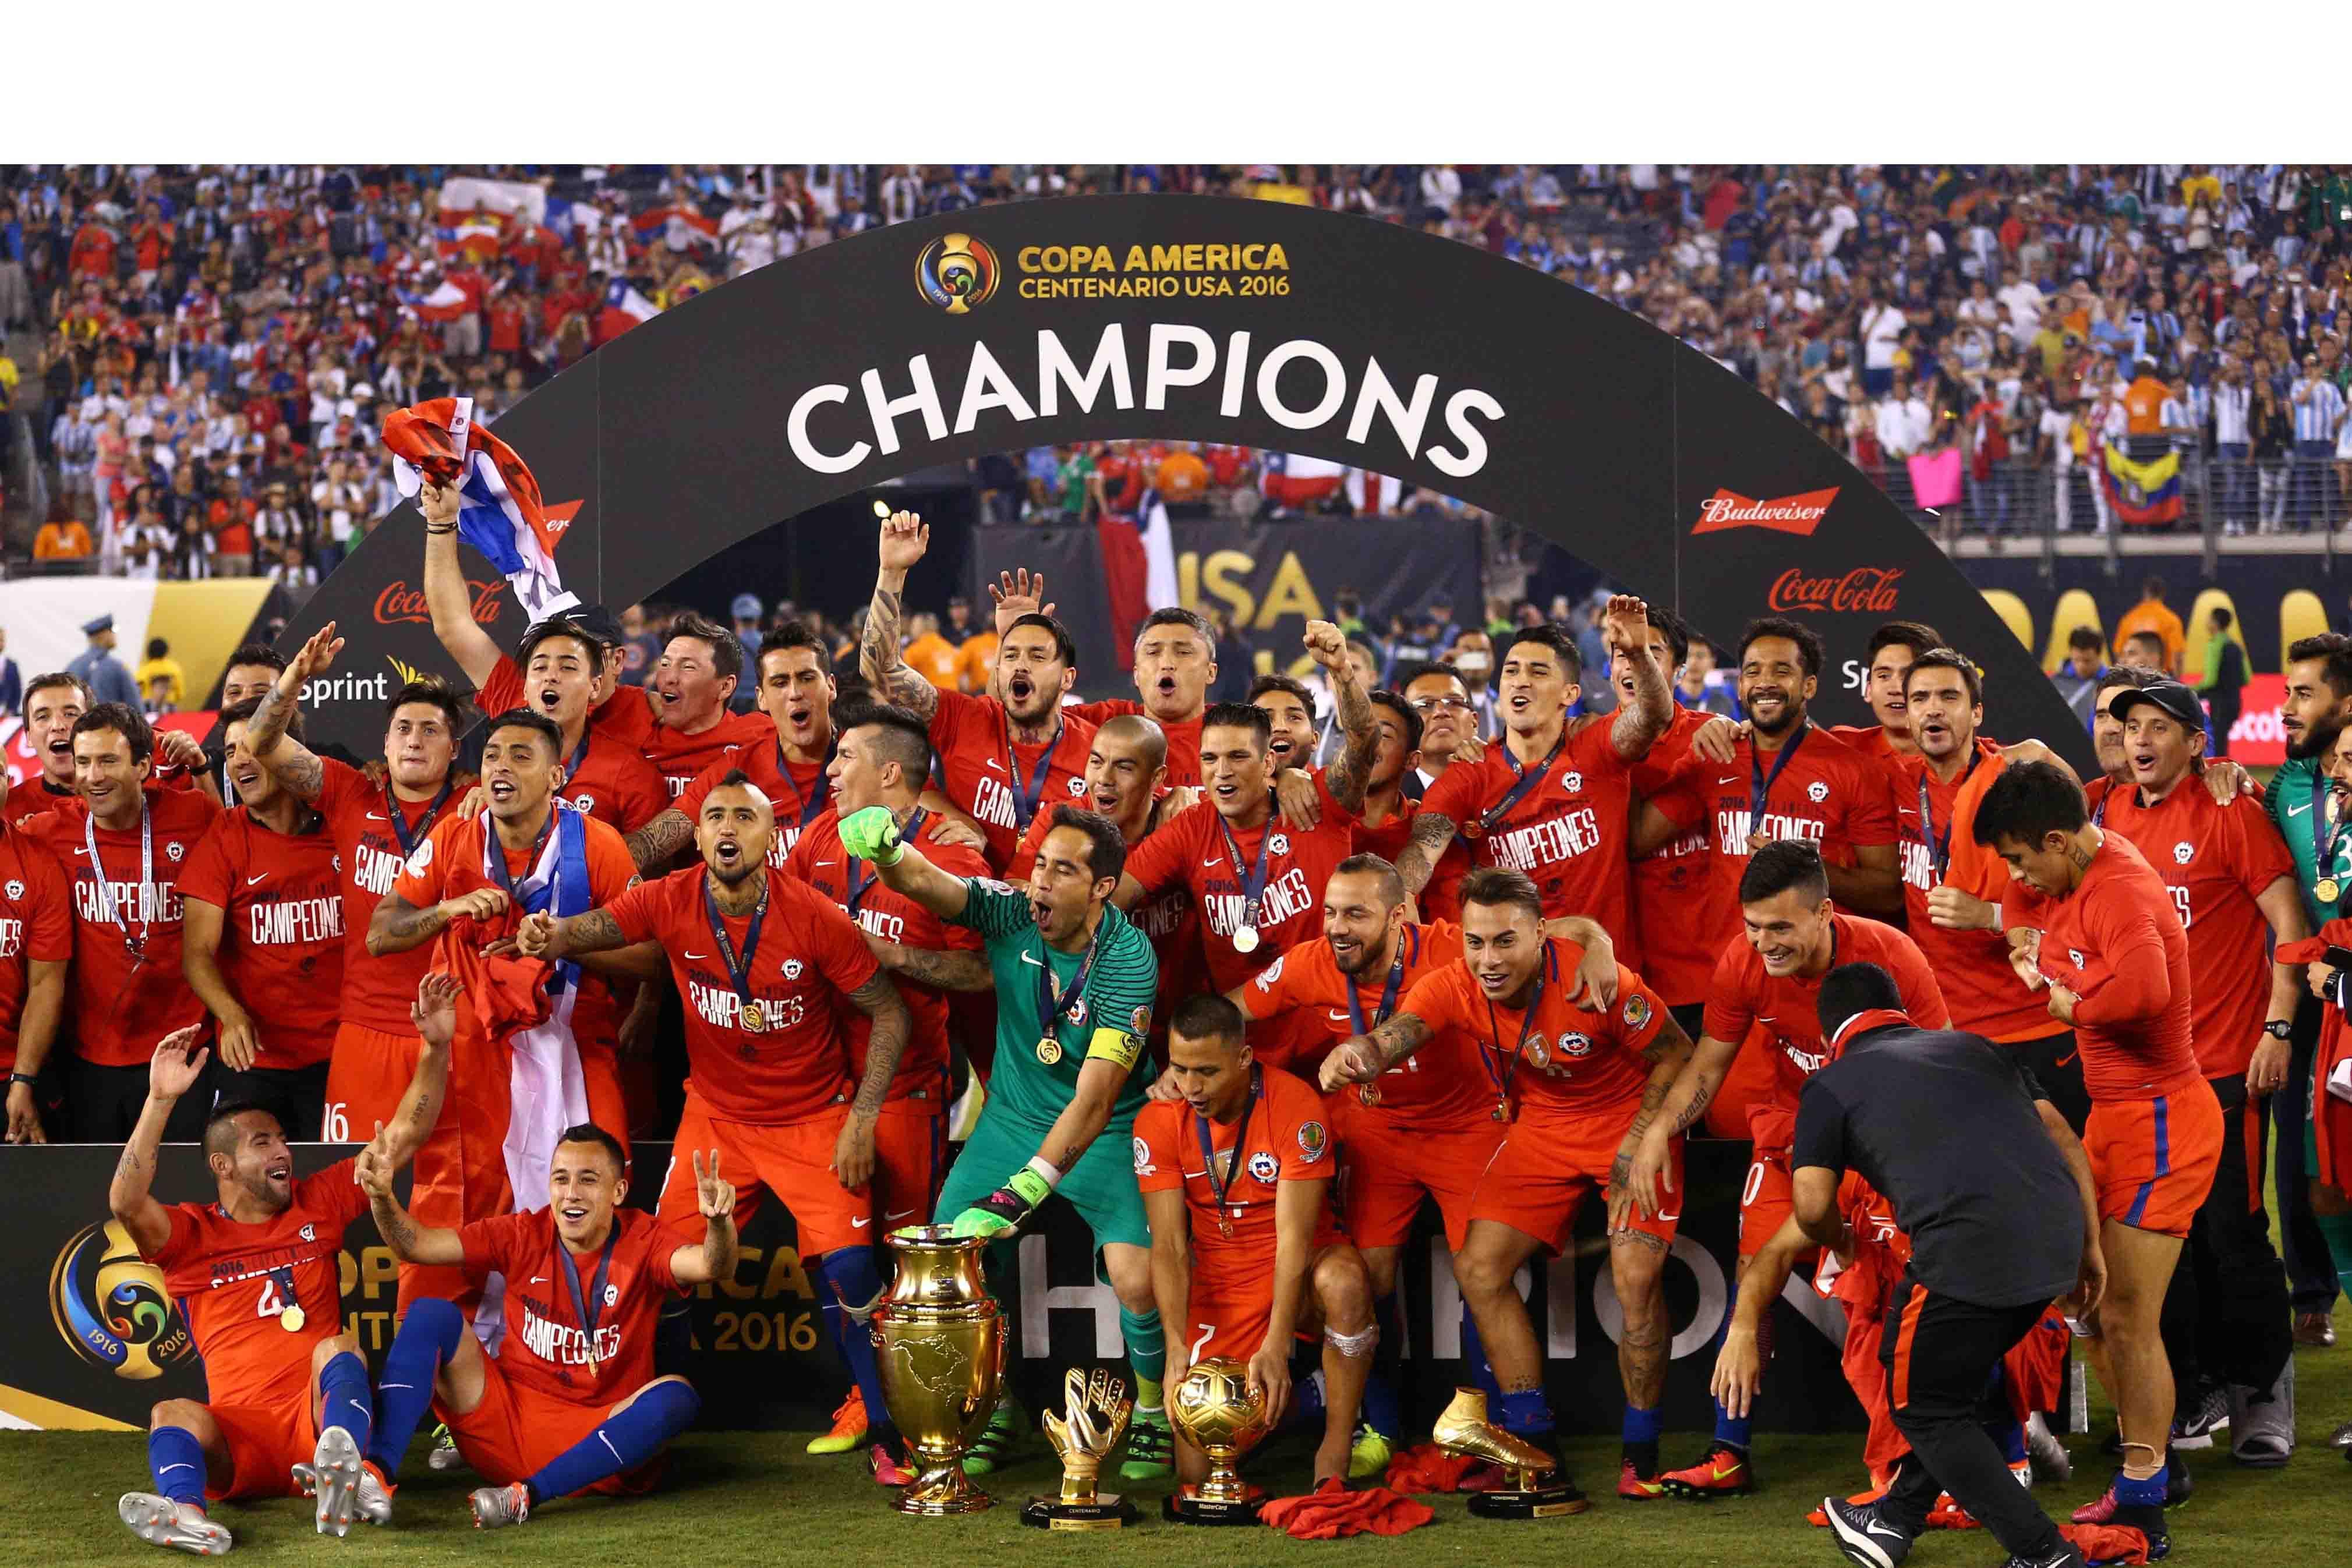 La Roja se llevo su segunda Copa frente a Argentina nuevamente en penales, ratificándose como la mejor de América